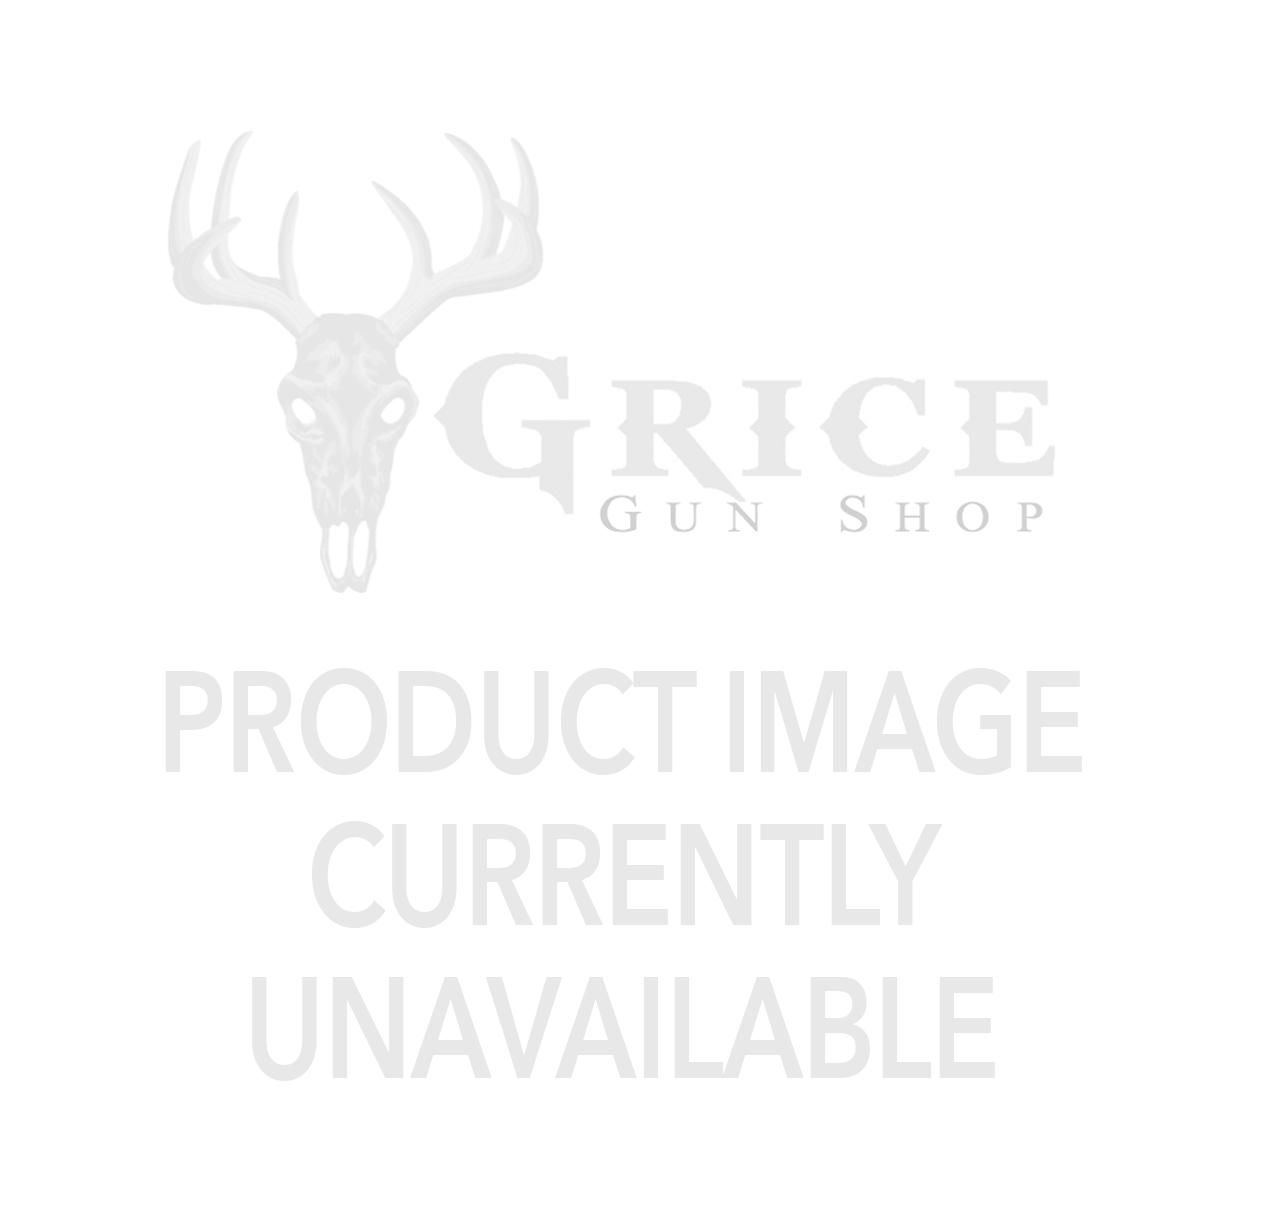 AAC 0- Muzzle Break 5.56mm 51T 1/2-28